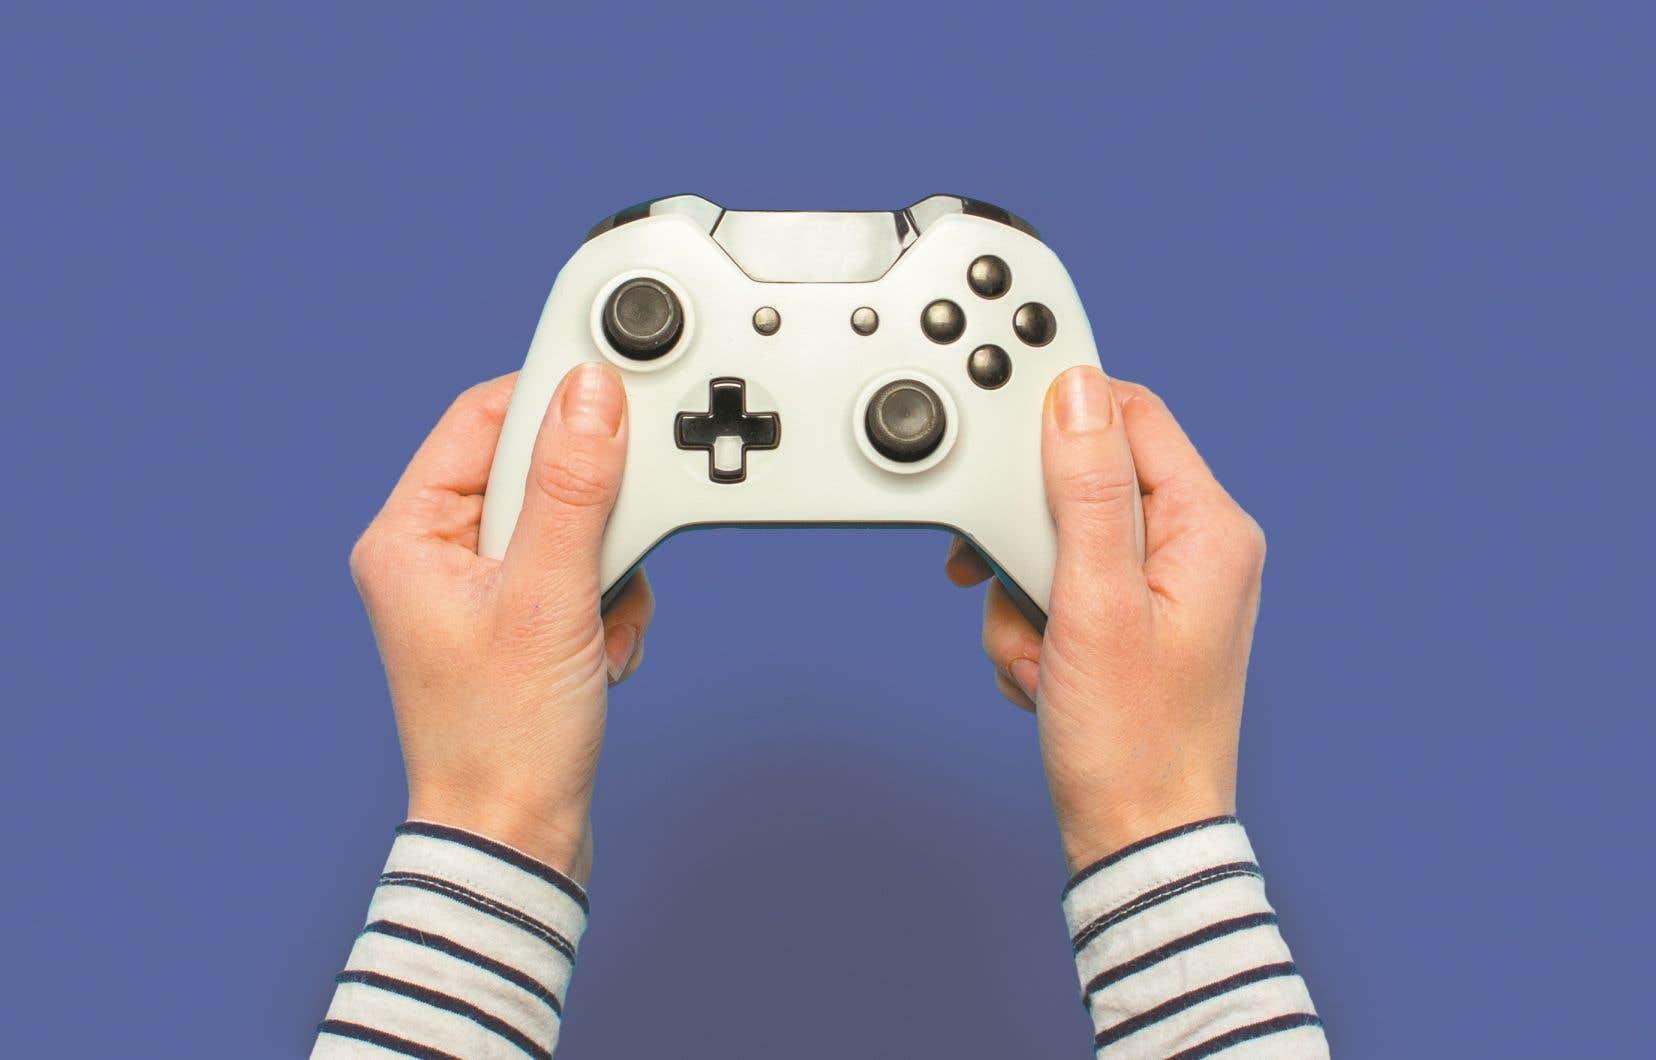 L'apprentissage du jeu vidéo peut venir en complément pour l'appréhension de certaines matières, comme les mathématiques ou l'histoire.